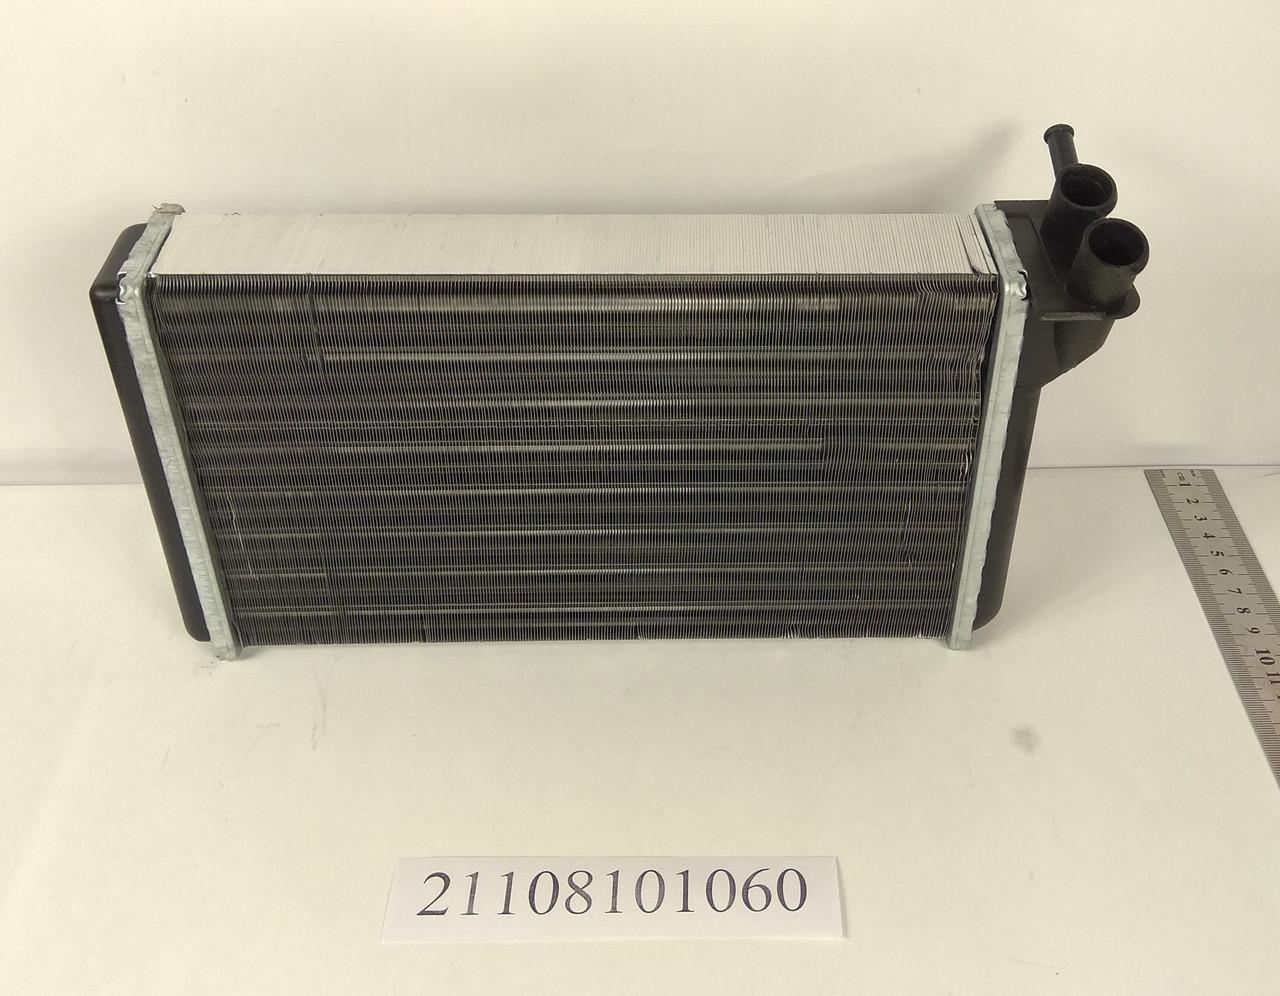 Радиатор печки Lada 2110 (алюминиевый) KEMP